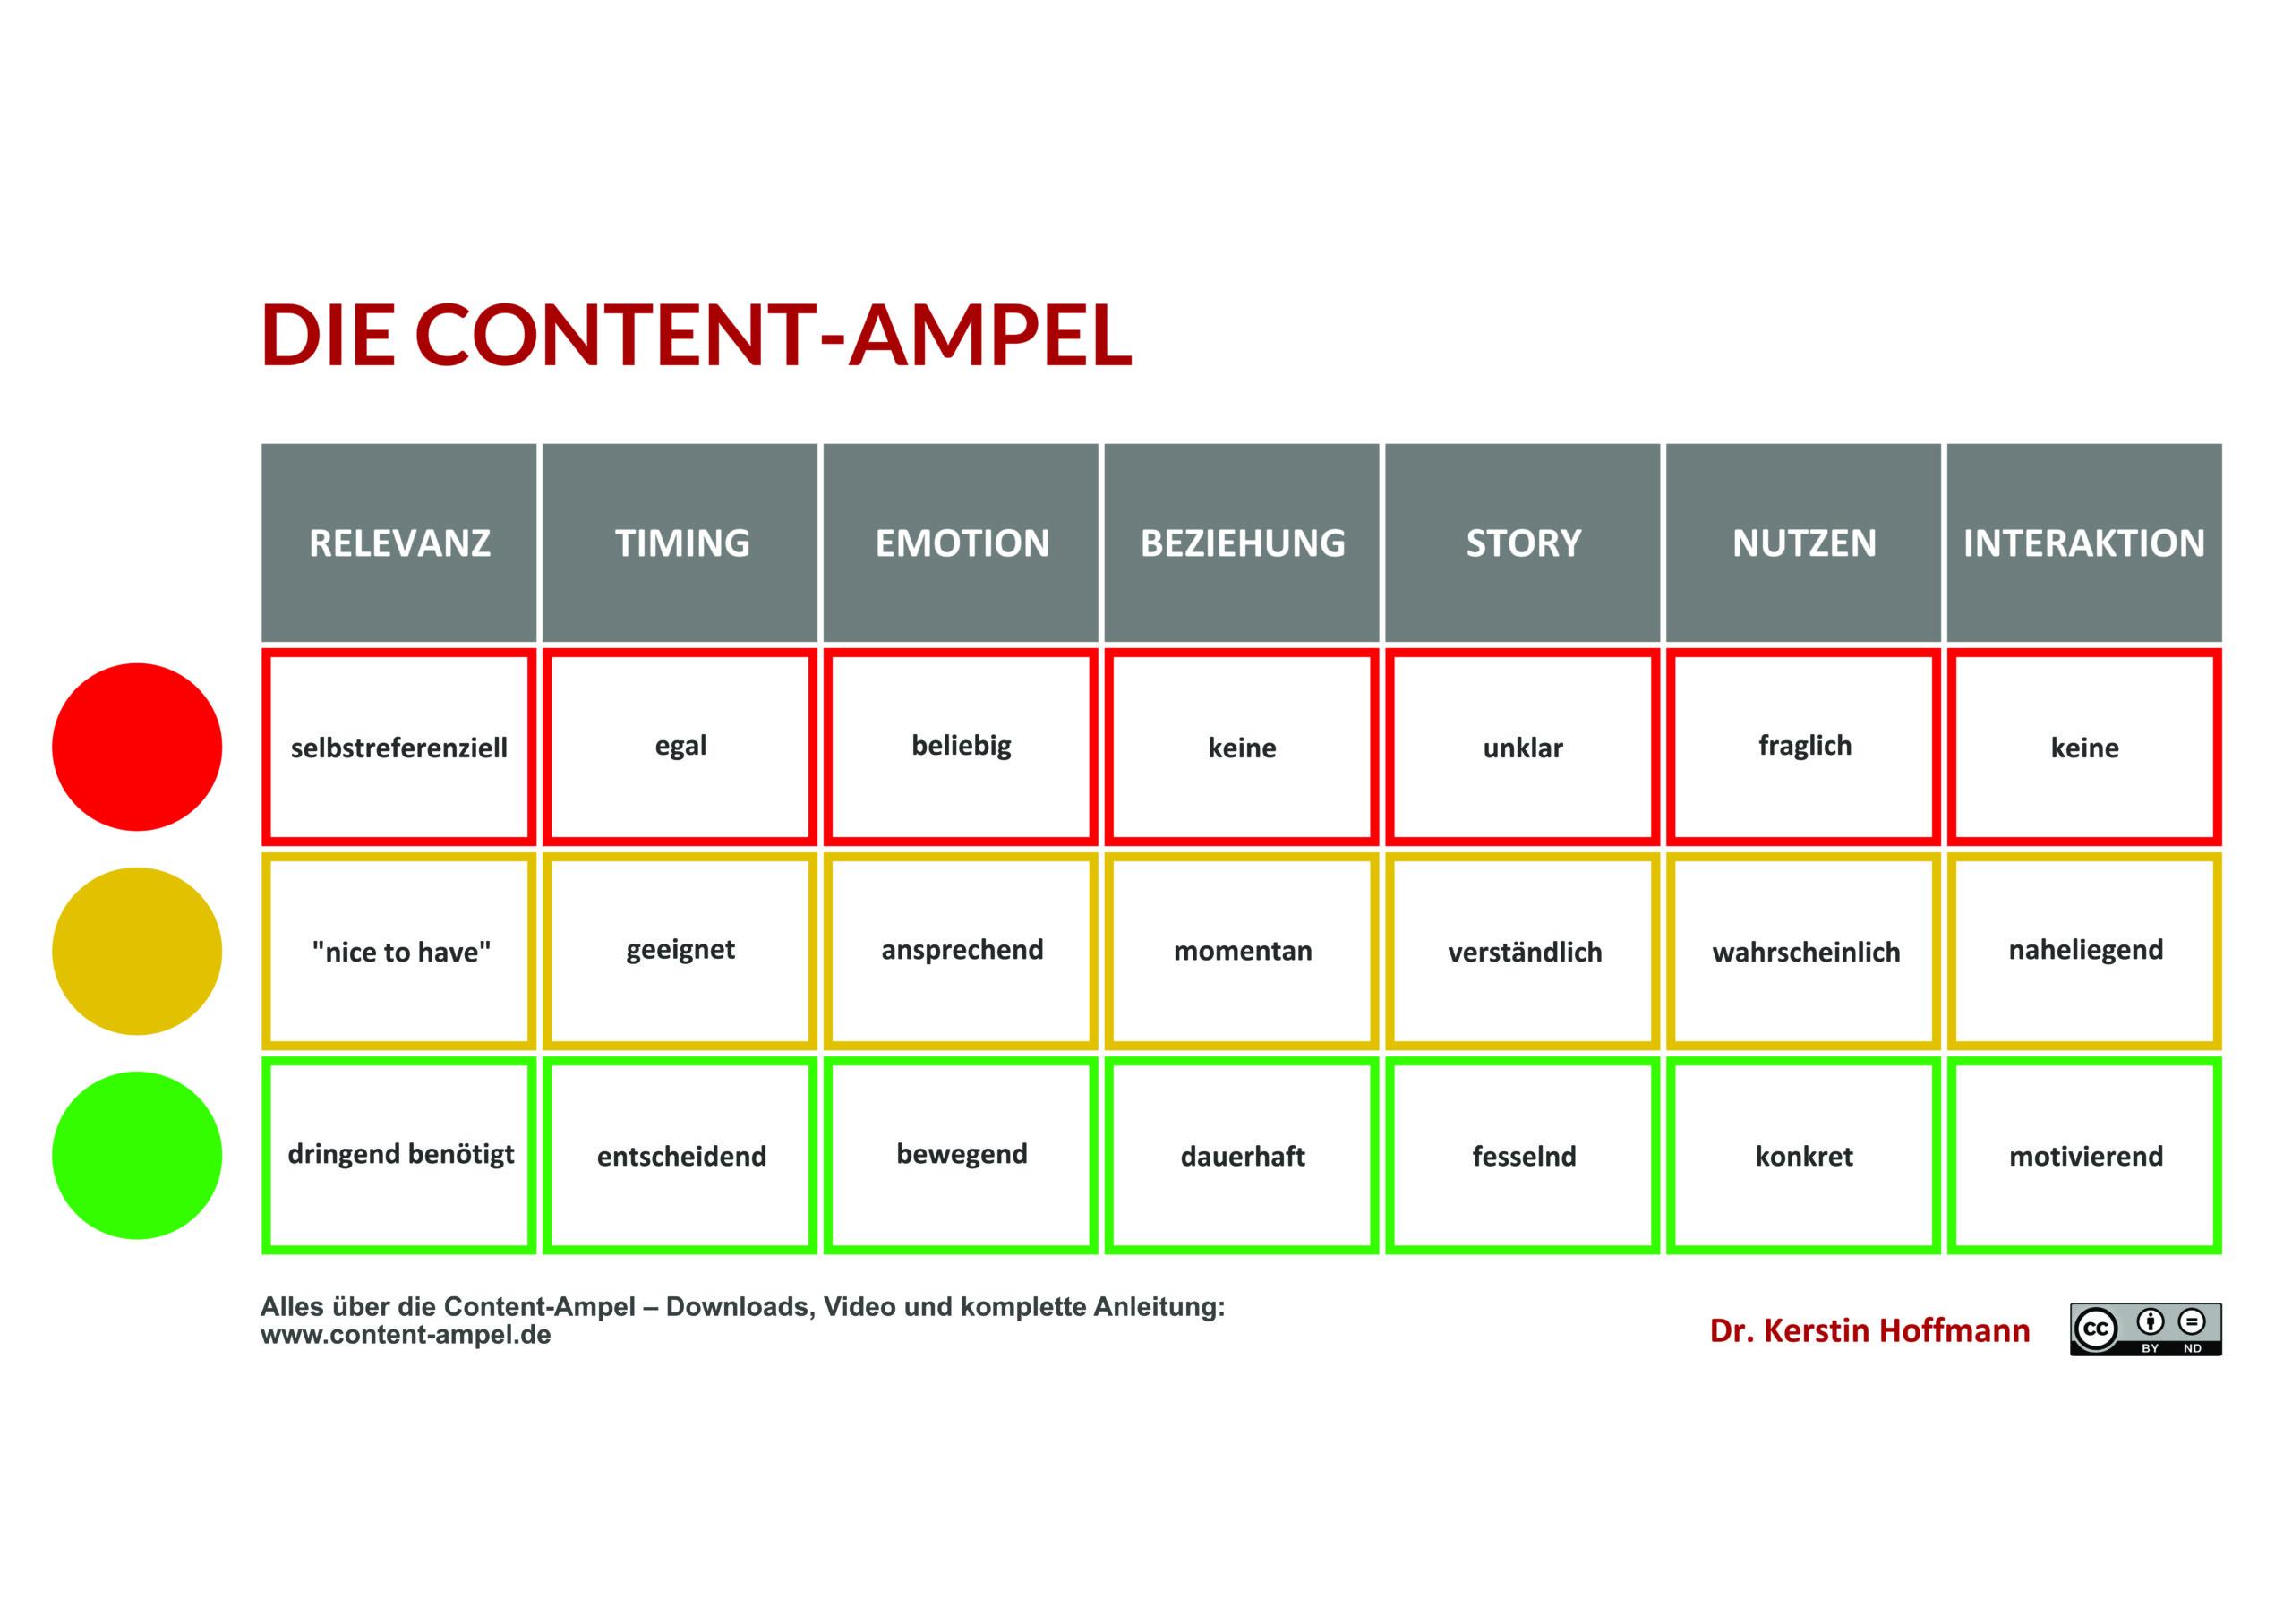 Die Content-Ampel hilft beim Texten fürs Content Marketing